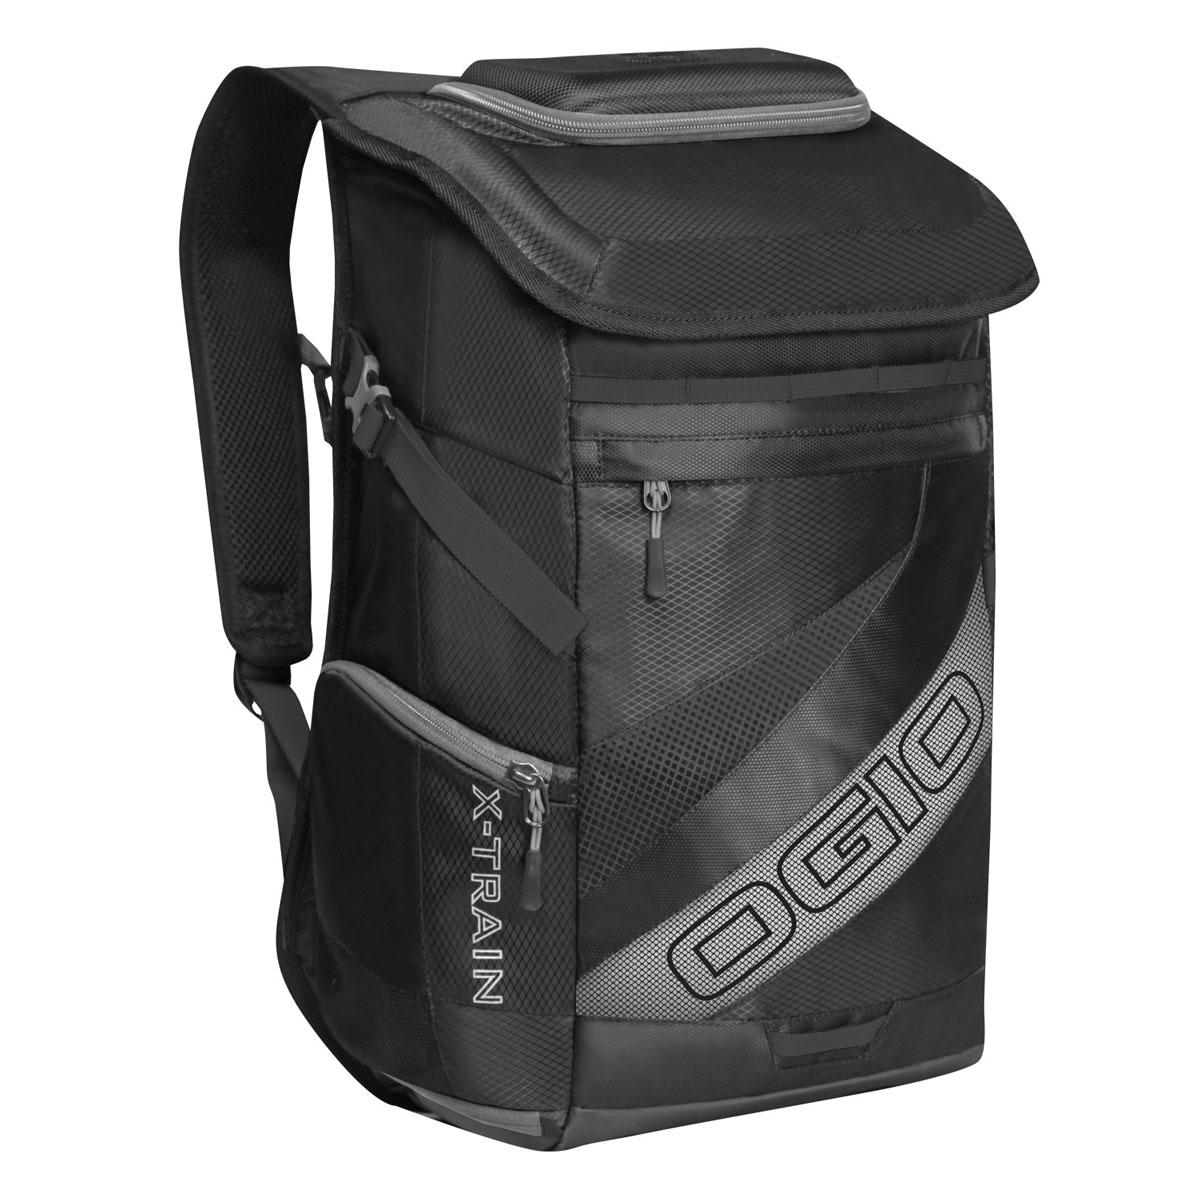 Рюкзак спортивный OGIO X-Train, цвет: черный, серый. 112039.030112039.030Спортивный рюкзак OGIO X-Train - это отличный помощник в вашей жизни. Он отлично подойдет для занятия спортом, фитнессом, туризмом, и для повседневной носки. Особенности: Удароустойчивый армированный карман. Отстегиваемая внешняя лямка для крепления шлема. Боковые ремешки для крепления полотенец или ковриков. Специальный отдел для хранения сухой/мокрой одежды или обуви в режиме тренировки или для iPad в режиме обучения. Высокопрочные и легкие материалы. Перегородка отделяет основное отделение от отделения для мокрой/сухой одежды или обуви. Особое покрытие отделения для мокрой/сухой одежды или обуви облегчает чистку. Эргономичные, регулируемые плечевые лямки, подбитые мягким материалом. Устойчивая к трению брезентовая основа. Встроенный полноразмерный карман для бутылки. Регулируемый нагрудный ремень. Объем: 23 л. Материал: Кросс-добби 420D, гекс-рипстоп 210D.